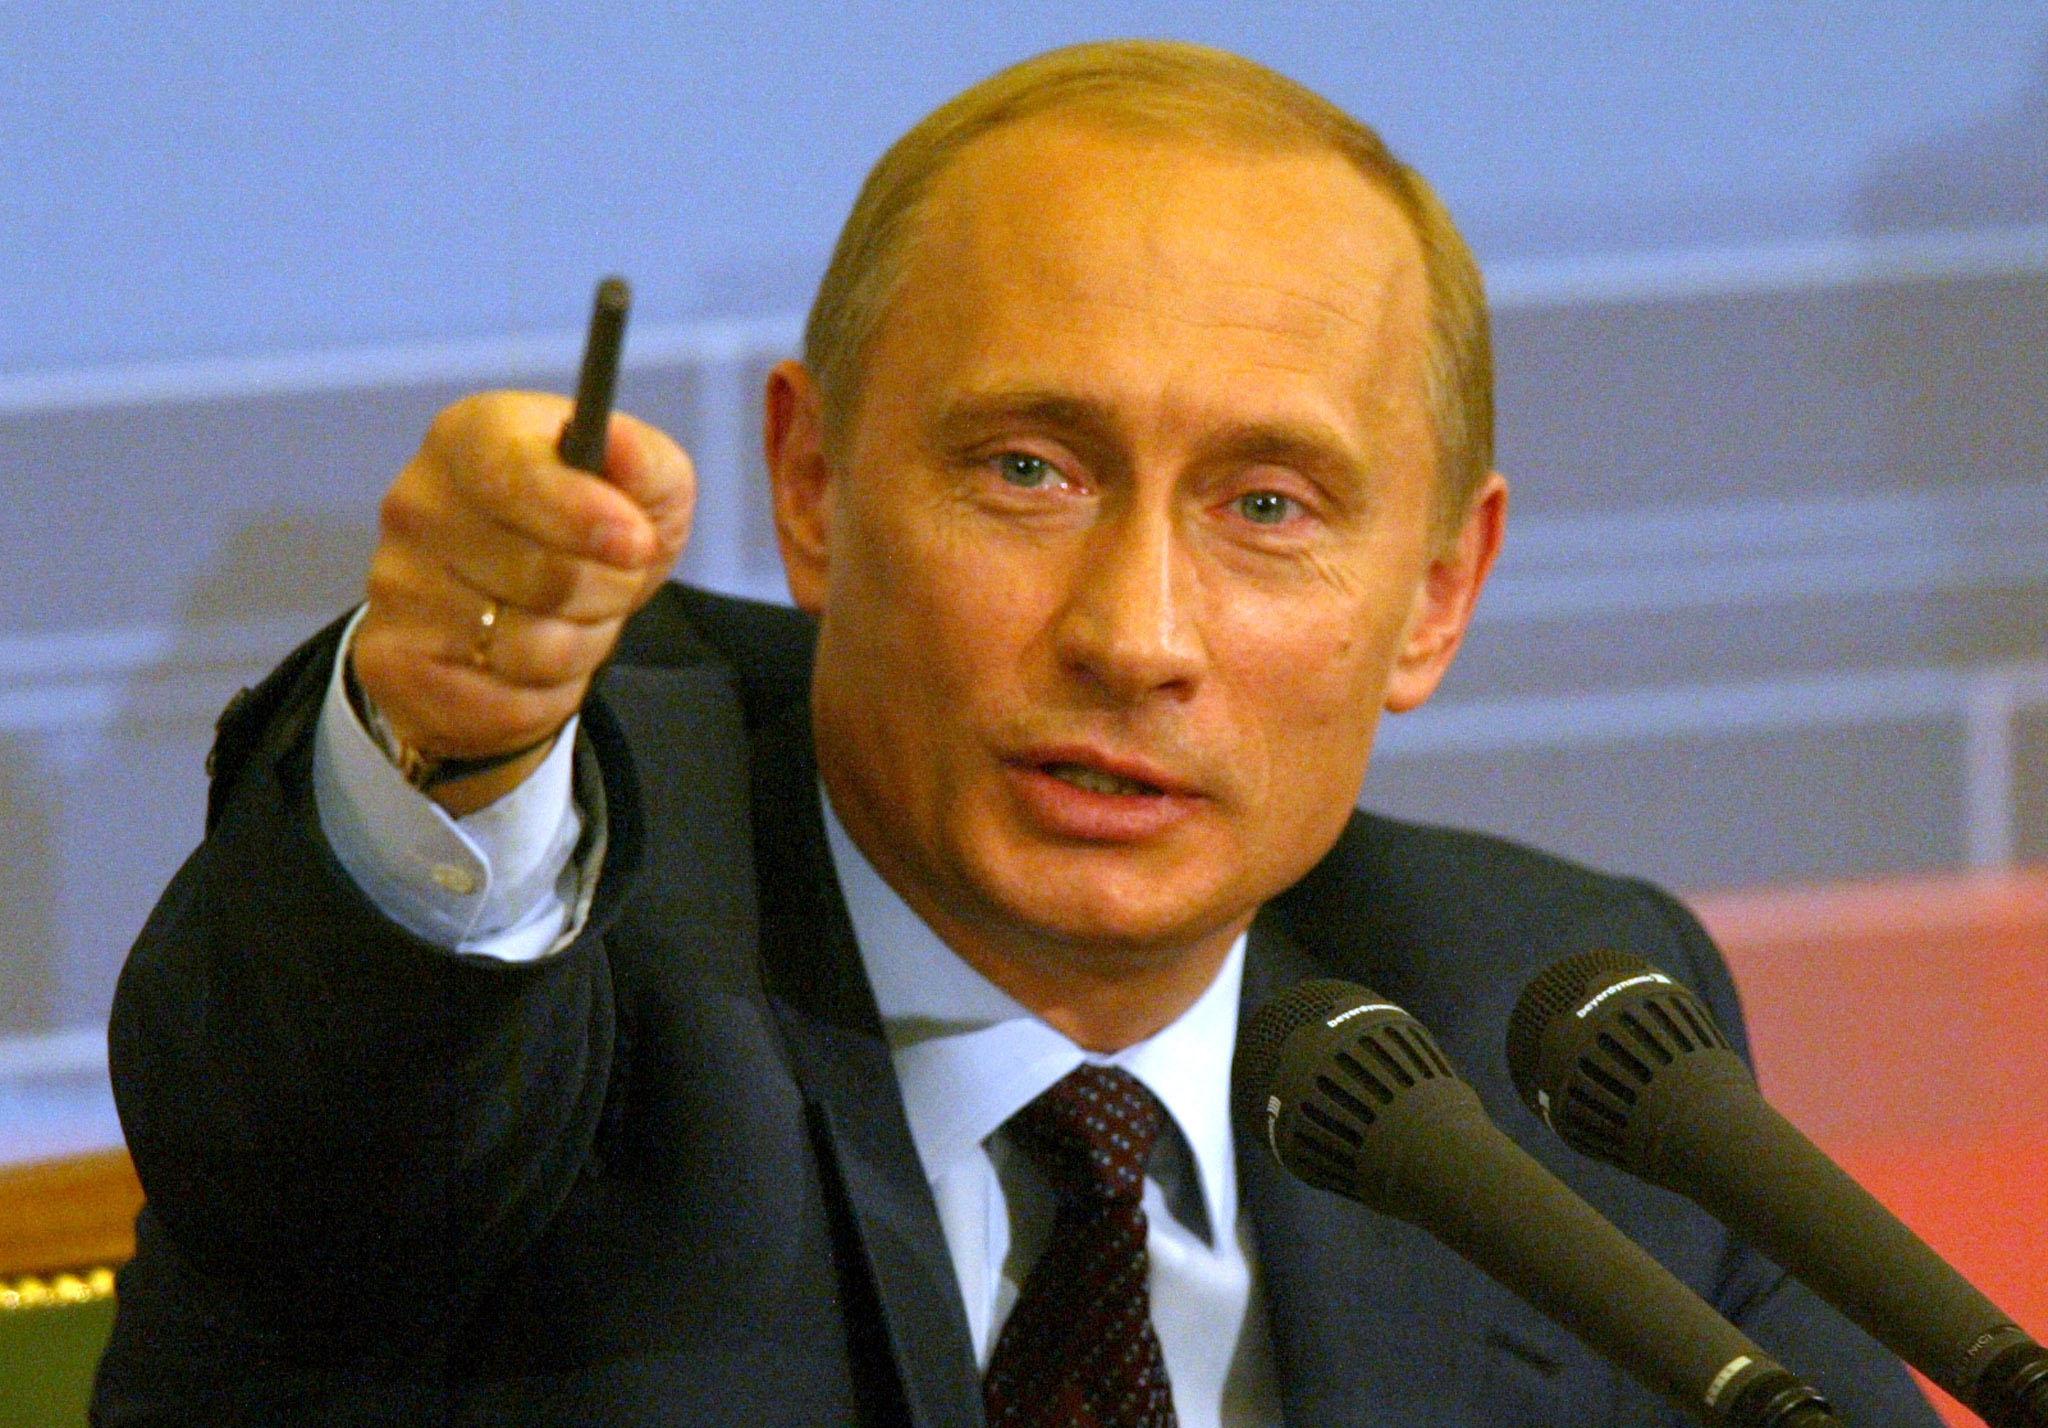 Putin's Cultural Faux Pas